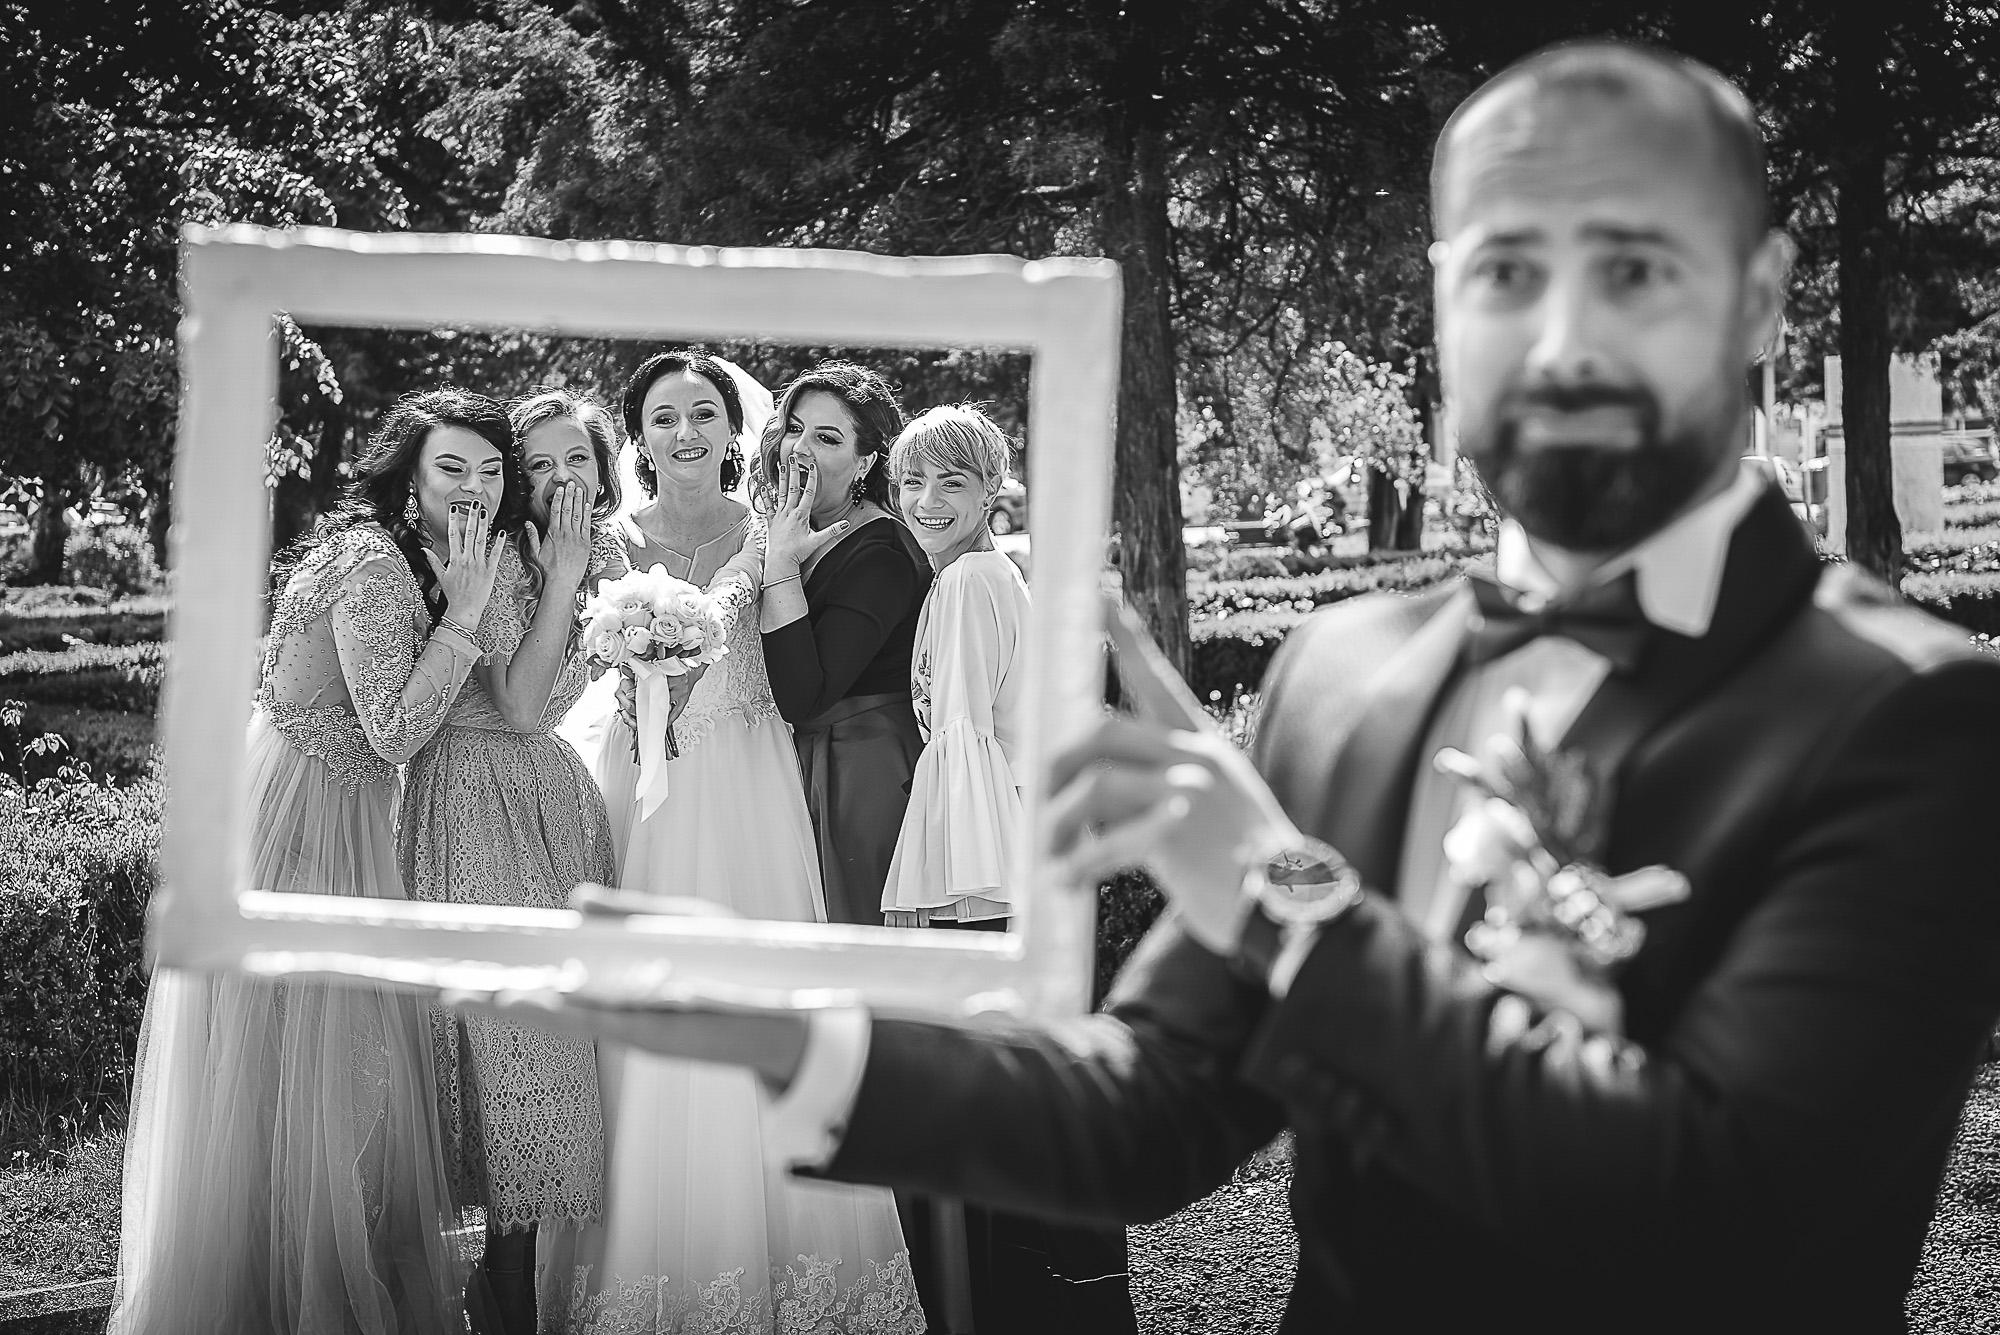 distractie in parc, fotosedinta distractiva, domnisoarele de onoare, fotografie creativa de nunta, fotograf nunta mures, foto nunta reghin, foto video reghin, foto video nunta mures